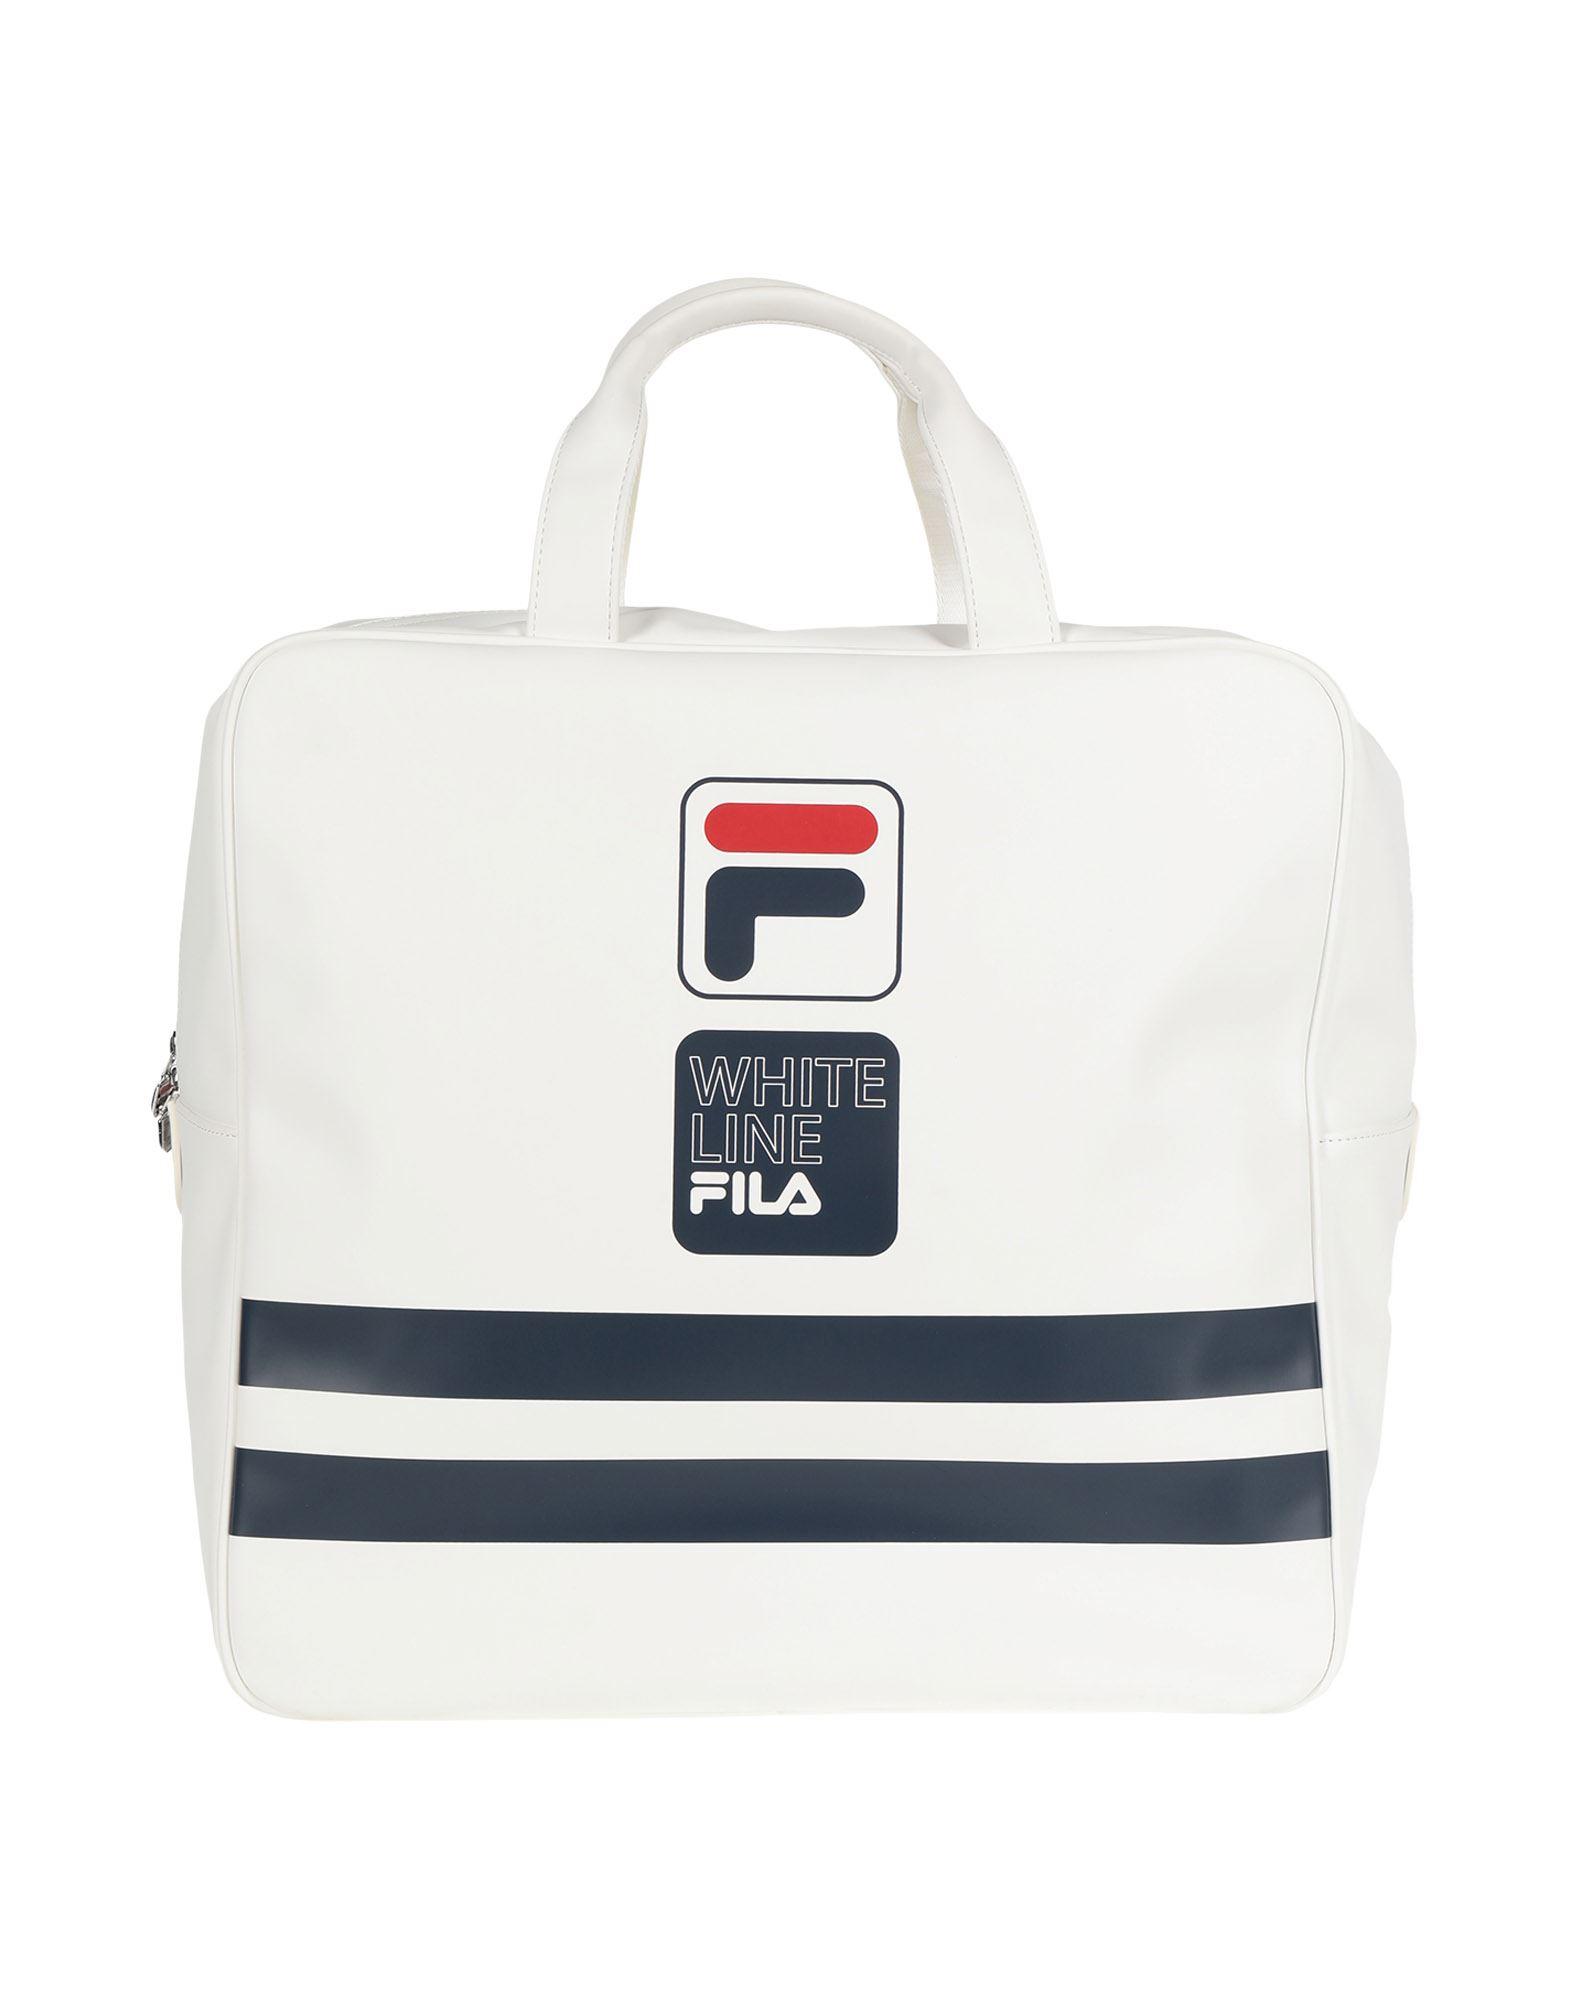 FILA メンズ 旅行バッグ ホワイト